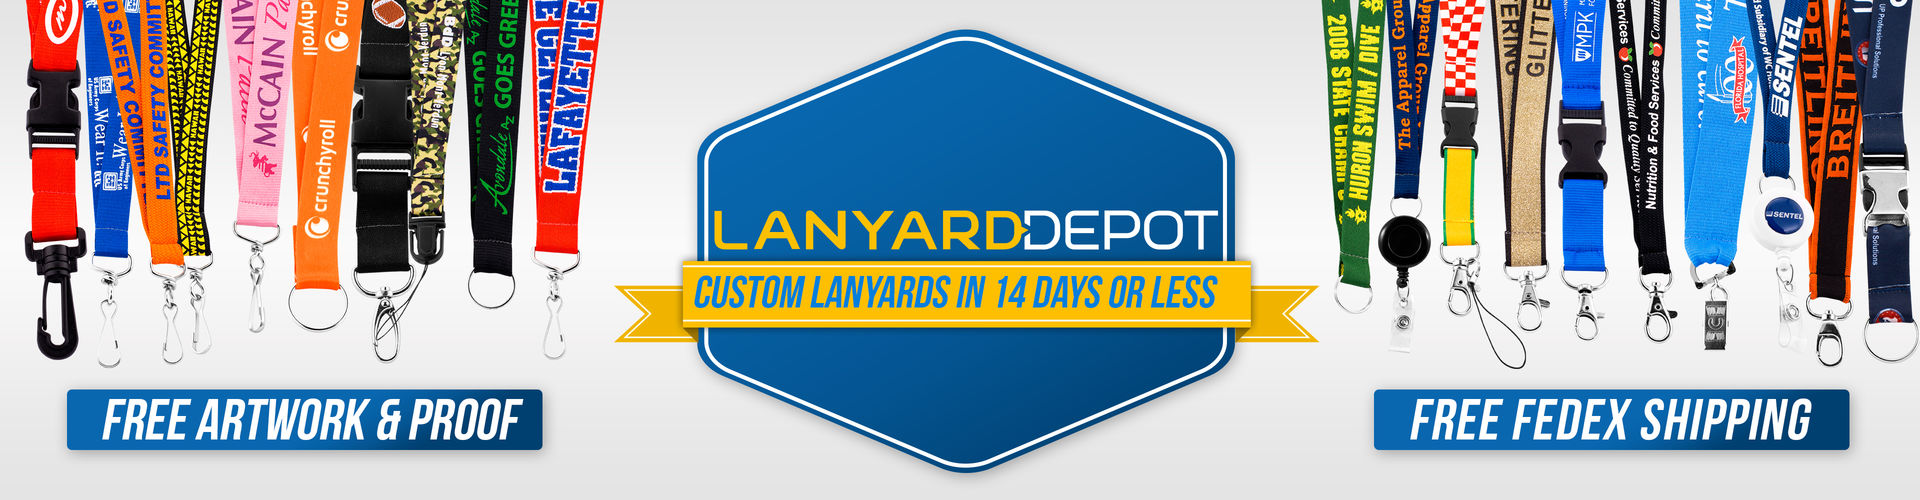 Lanyard Depot - Custom Lanyards in 14 Days or Less